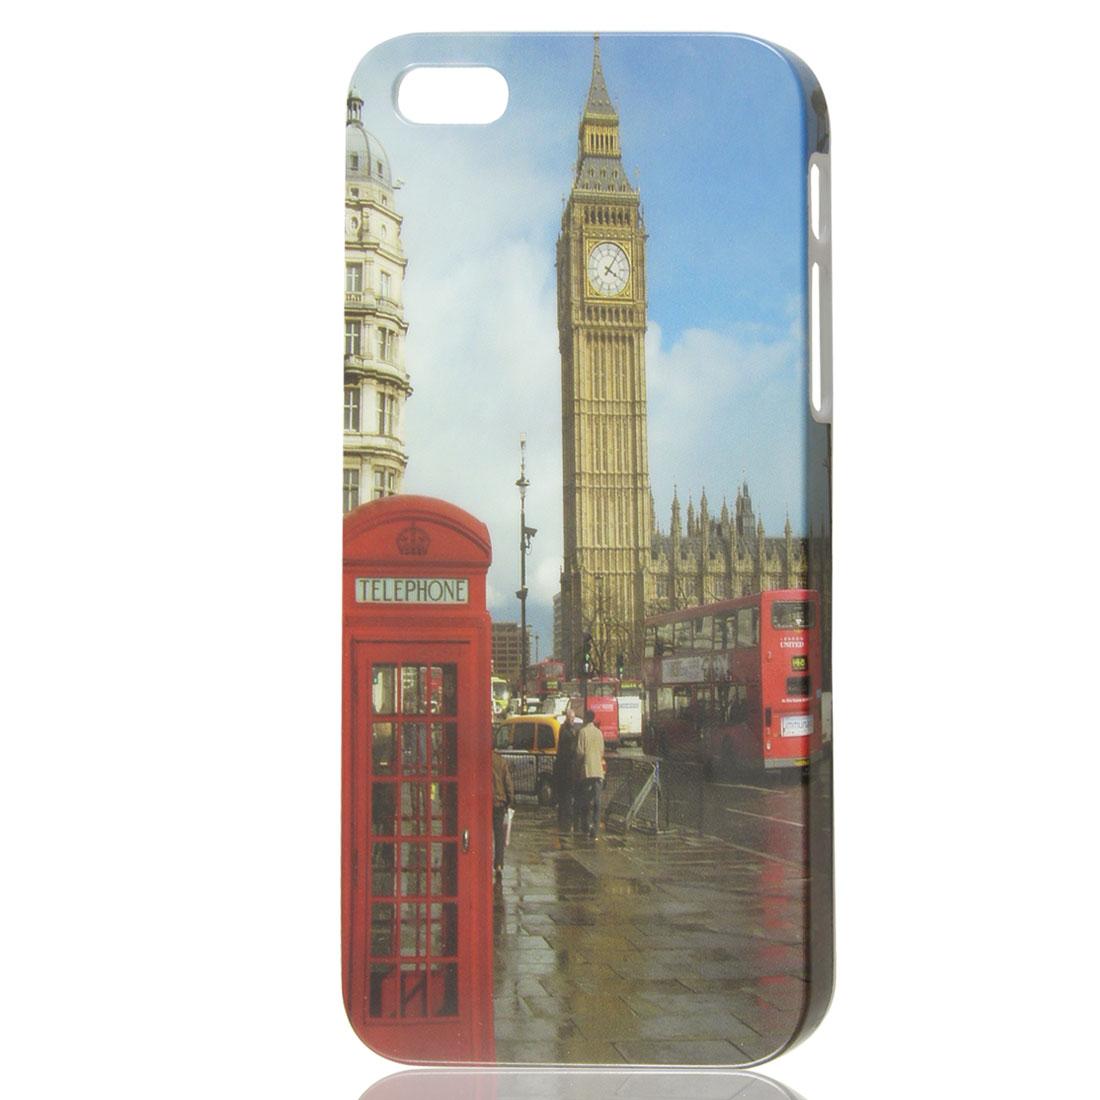 Vintage Style London Big Ben Design IMD Hard Back Skin Case Cover for iPhone 5 5G